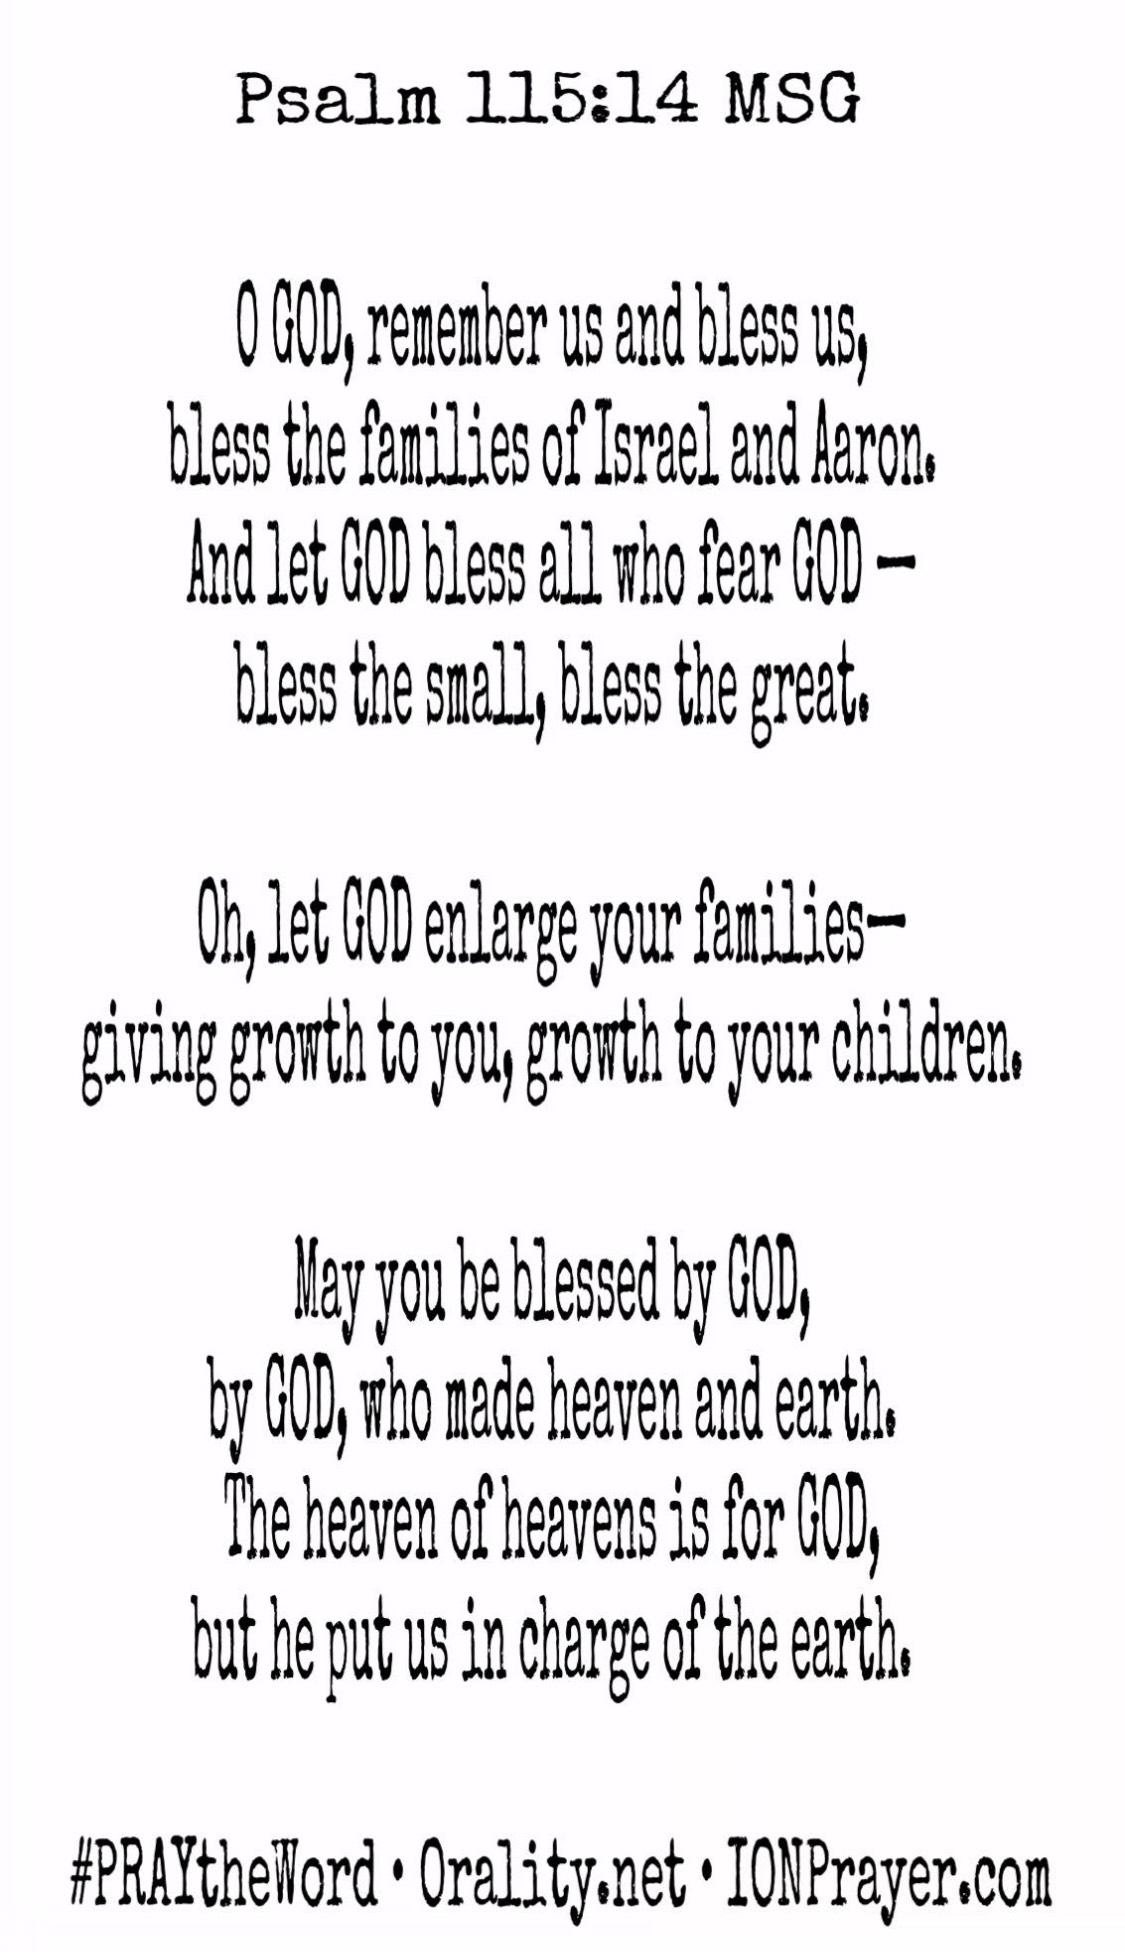 Psalm 115 verse 14